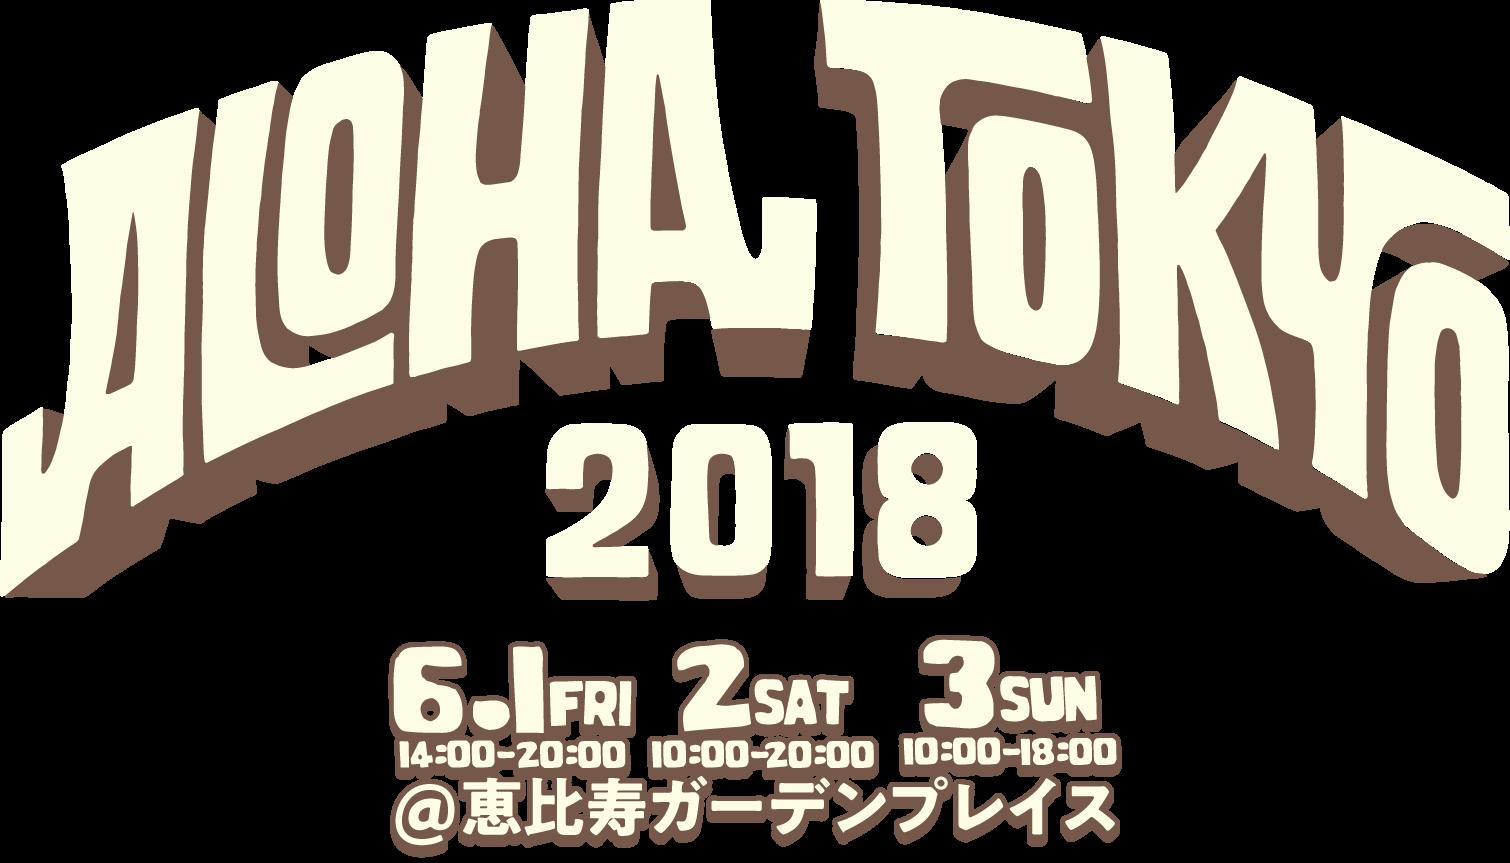 イベント出店情報! ALOHA TOKYO 2018